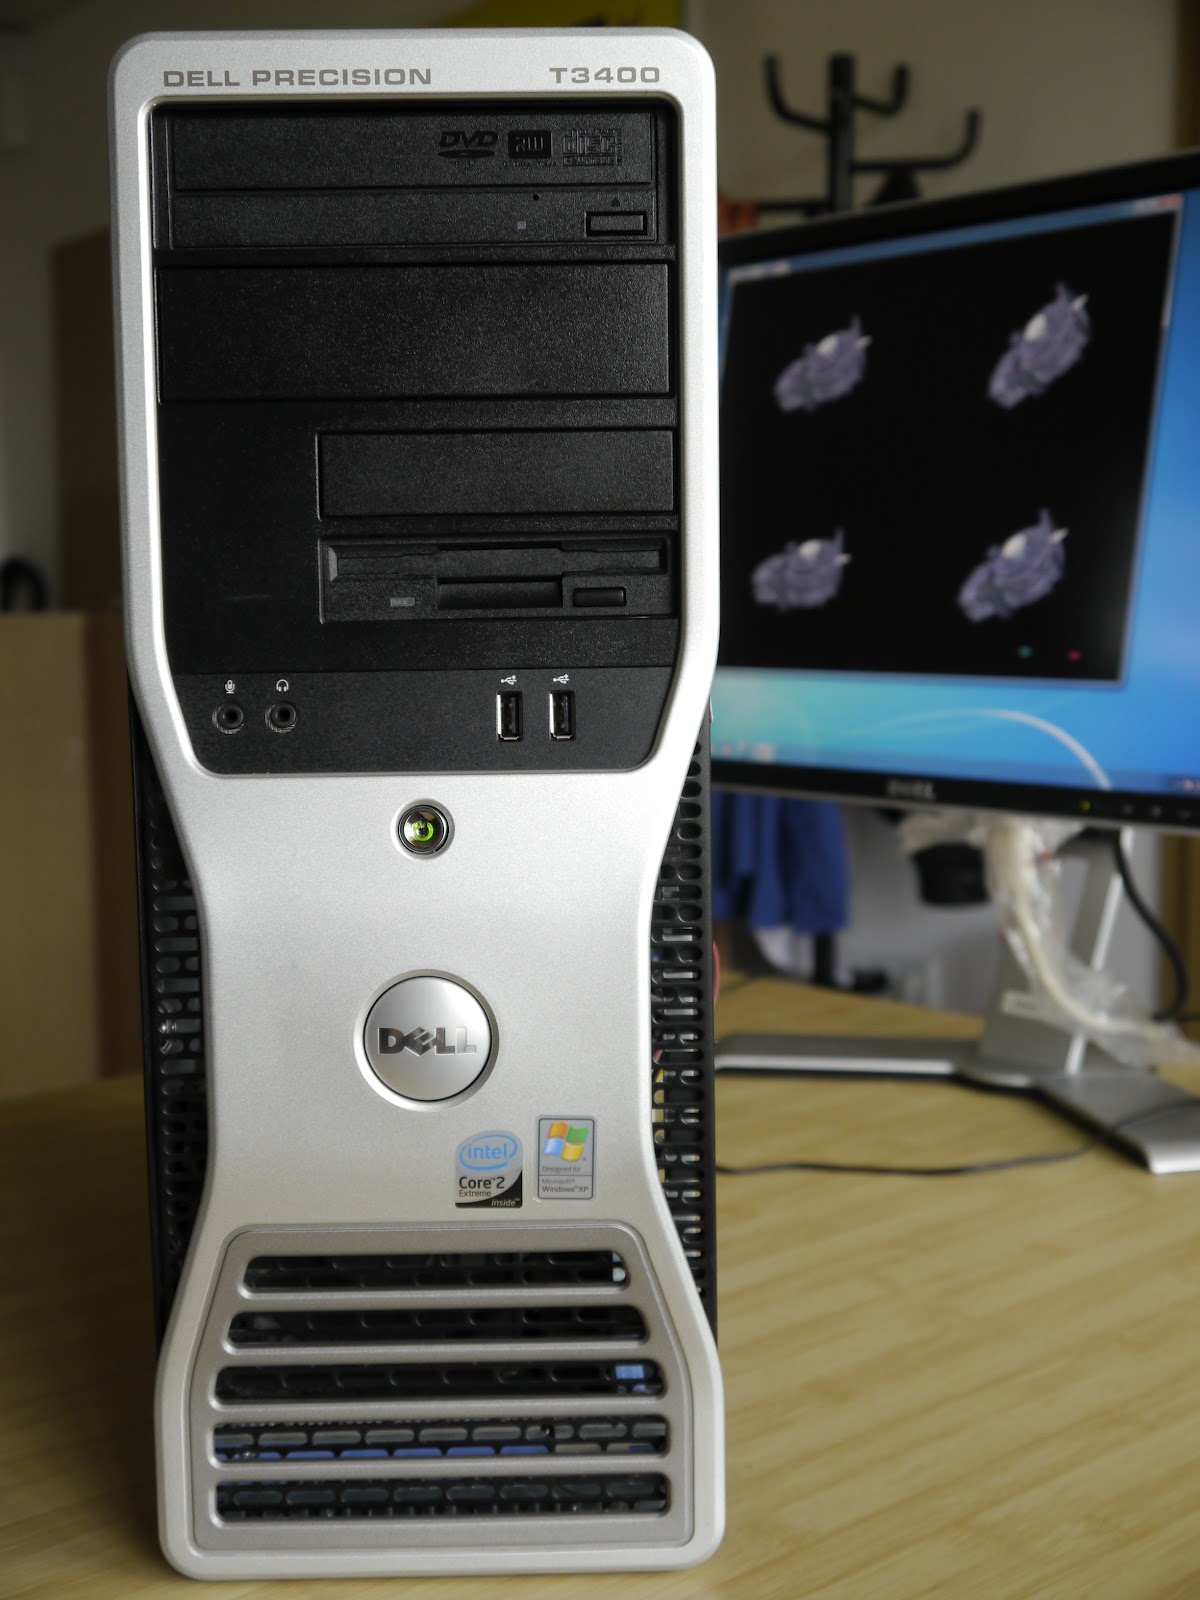 DELL Precision T3400 с Core 2 Extreme QX9650   Retro-PC-Mania - best